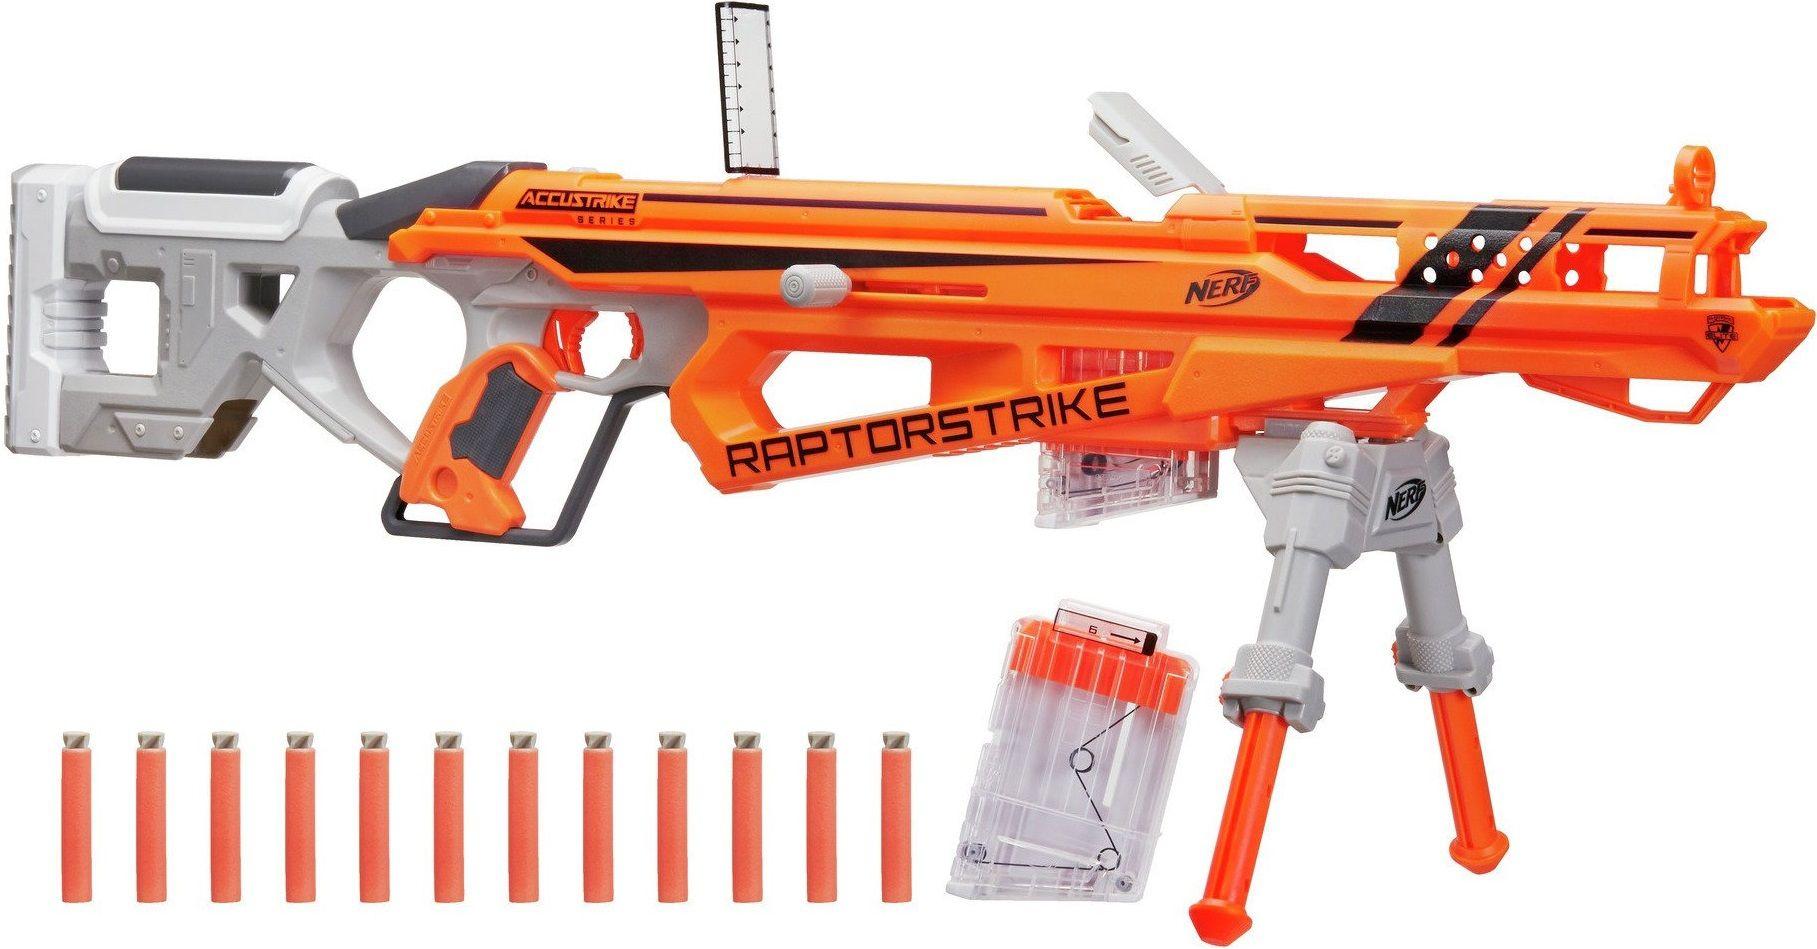 Купить Бластер Nerf Accustrike Raptorstrike (Нёрф Аккустрайк Рапторстрайк), Игрушечное оружие и бластеры Hasbro, Пистолеты, автоматы и бластеры